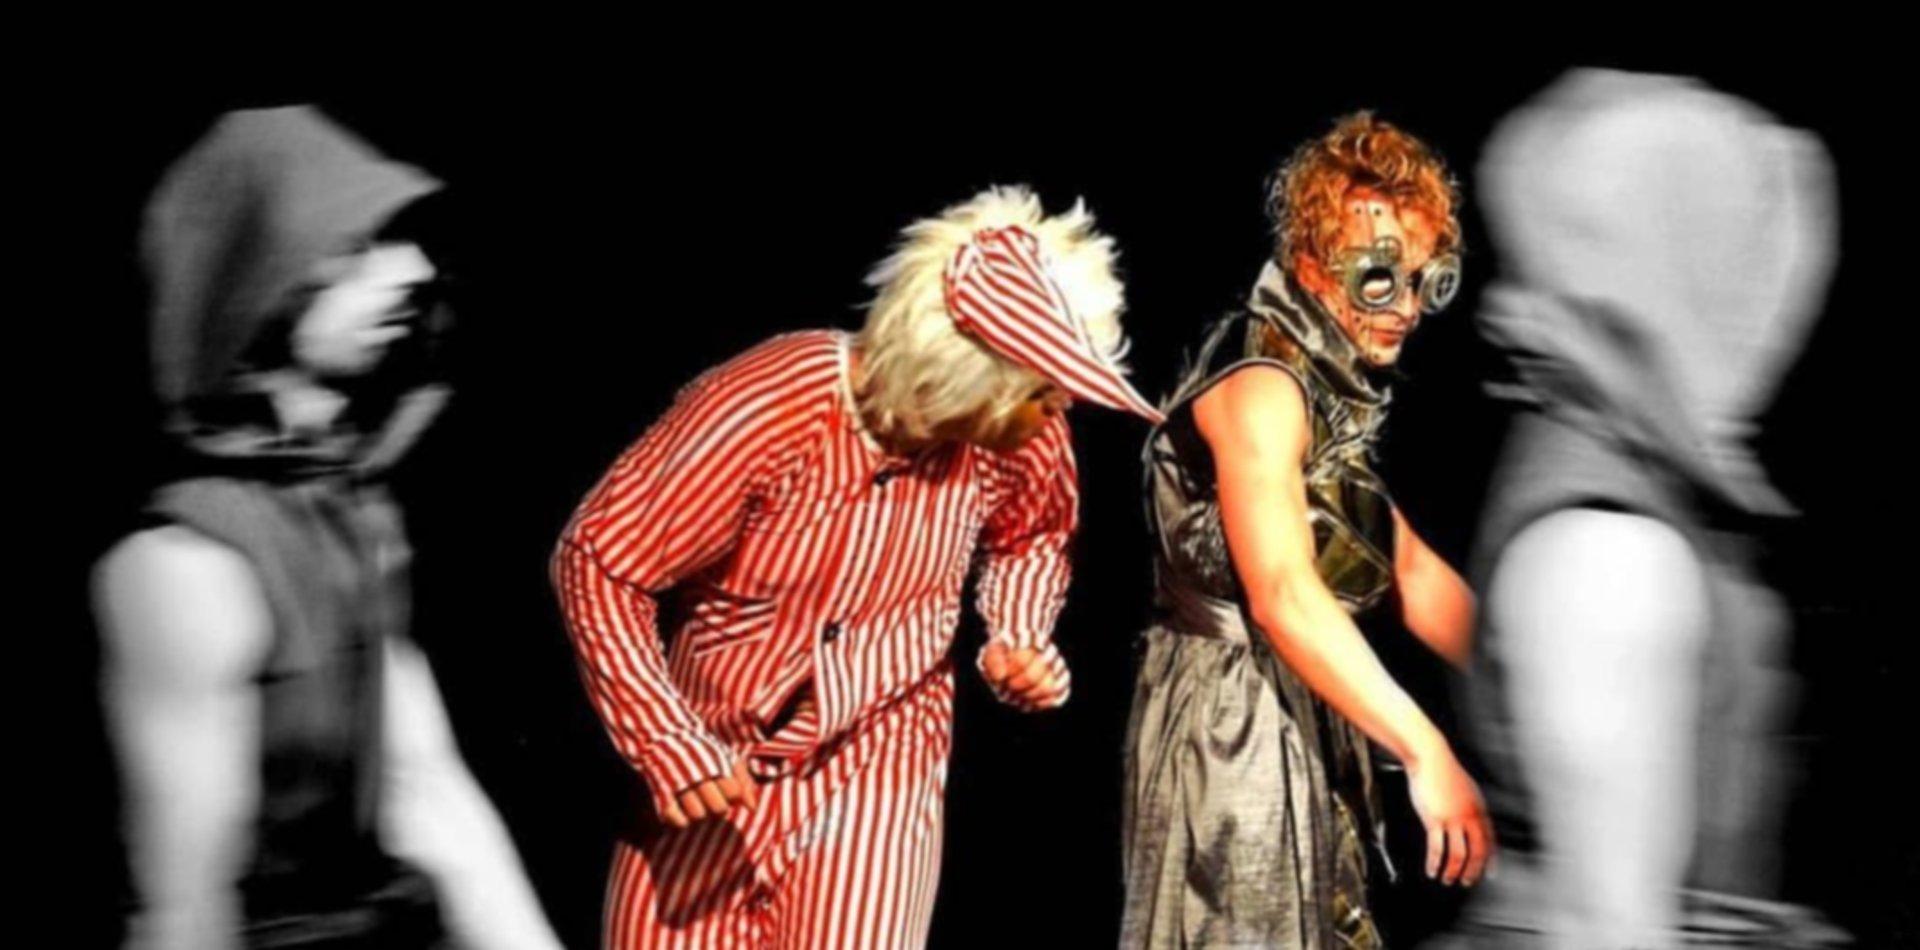 Llega Somnium, un show de danza, circo y humor, La Semana del Cine Platense y mucho más